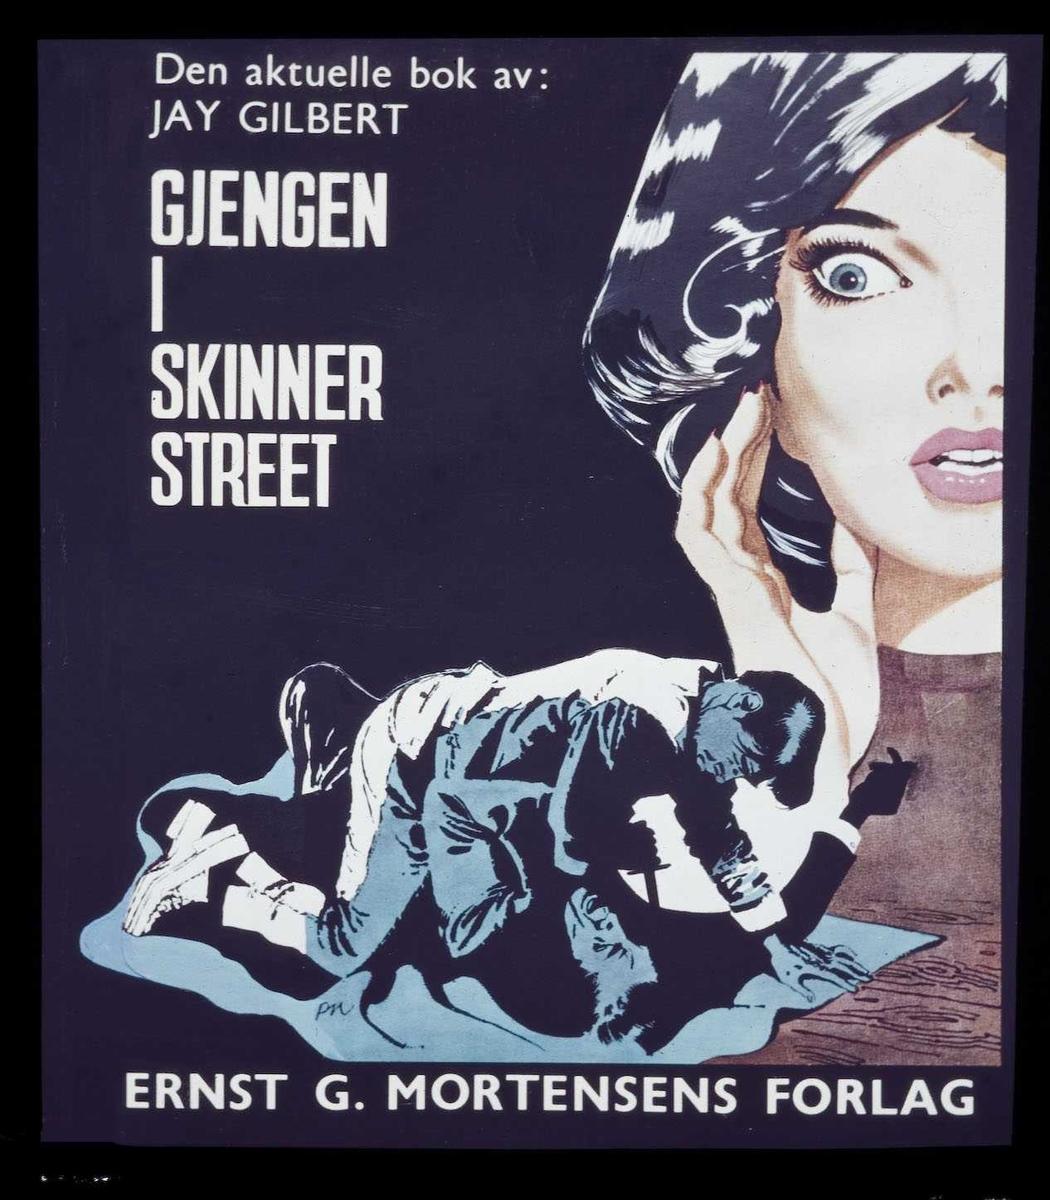 Kinoreklame fra Ski. Den aktuelle bok av. Jay Gilbert - gjengen i Skinner street. Ernst G. Mortensens Forlag.